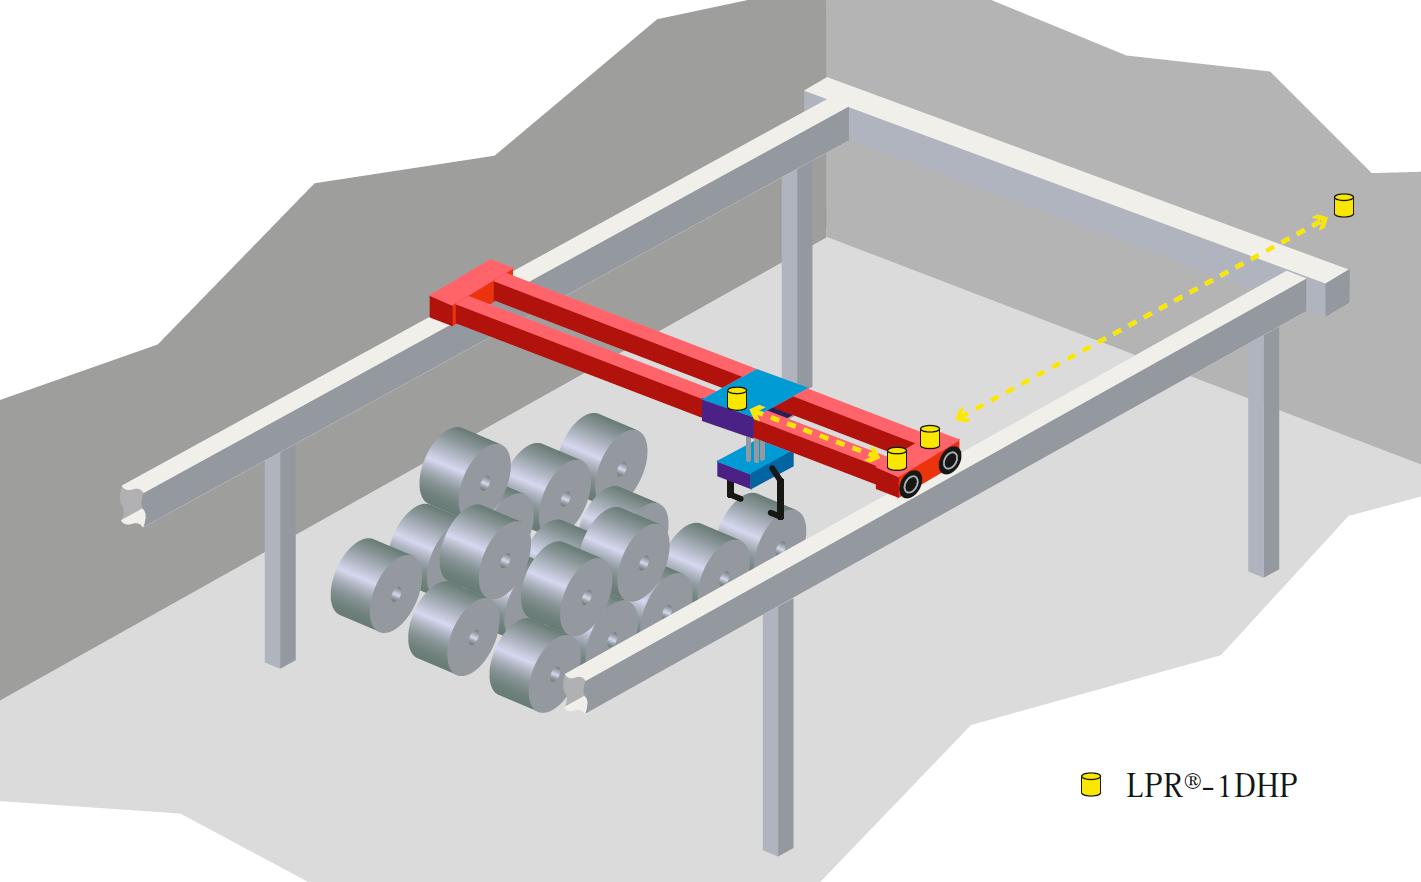 LPR-1DHP высокоточный датчик для измерения больших расстояний